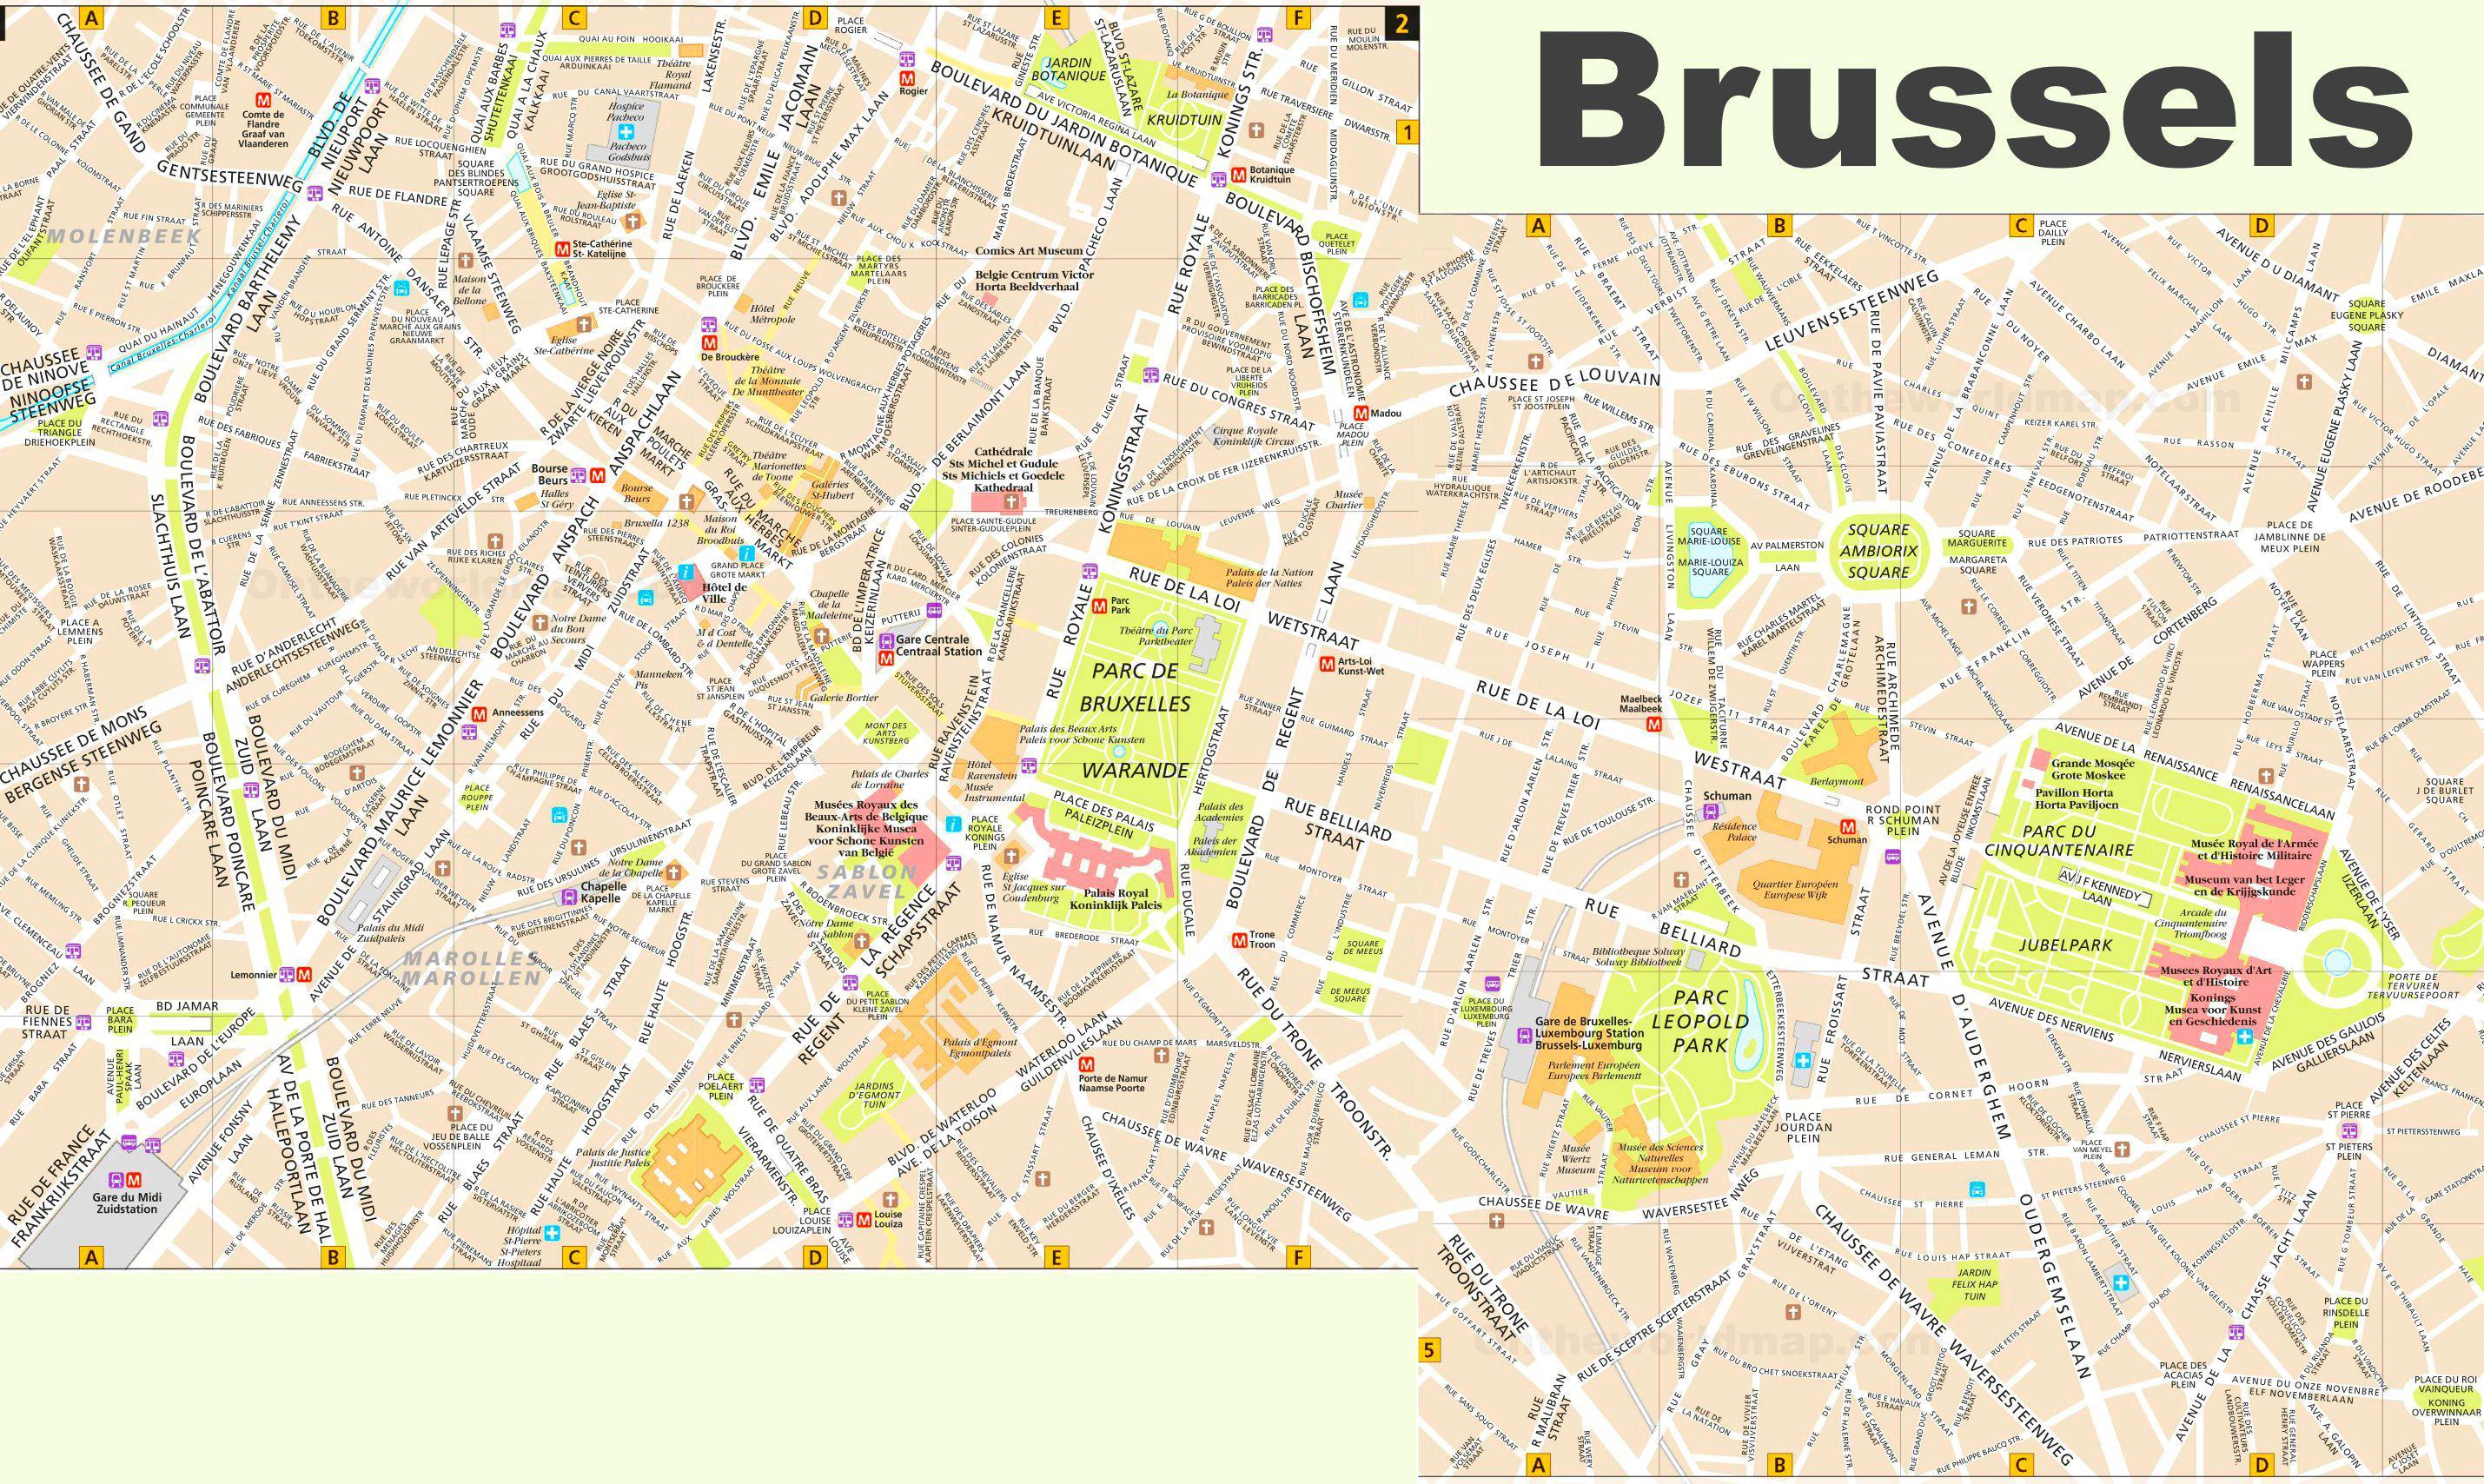 Carte de Bruxelles - Plusieurs cartes de la ville en Belgique